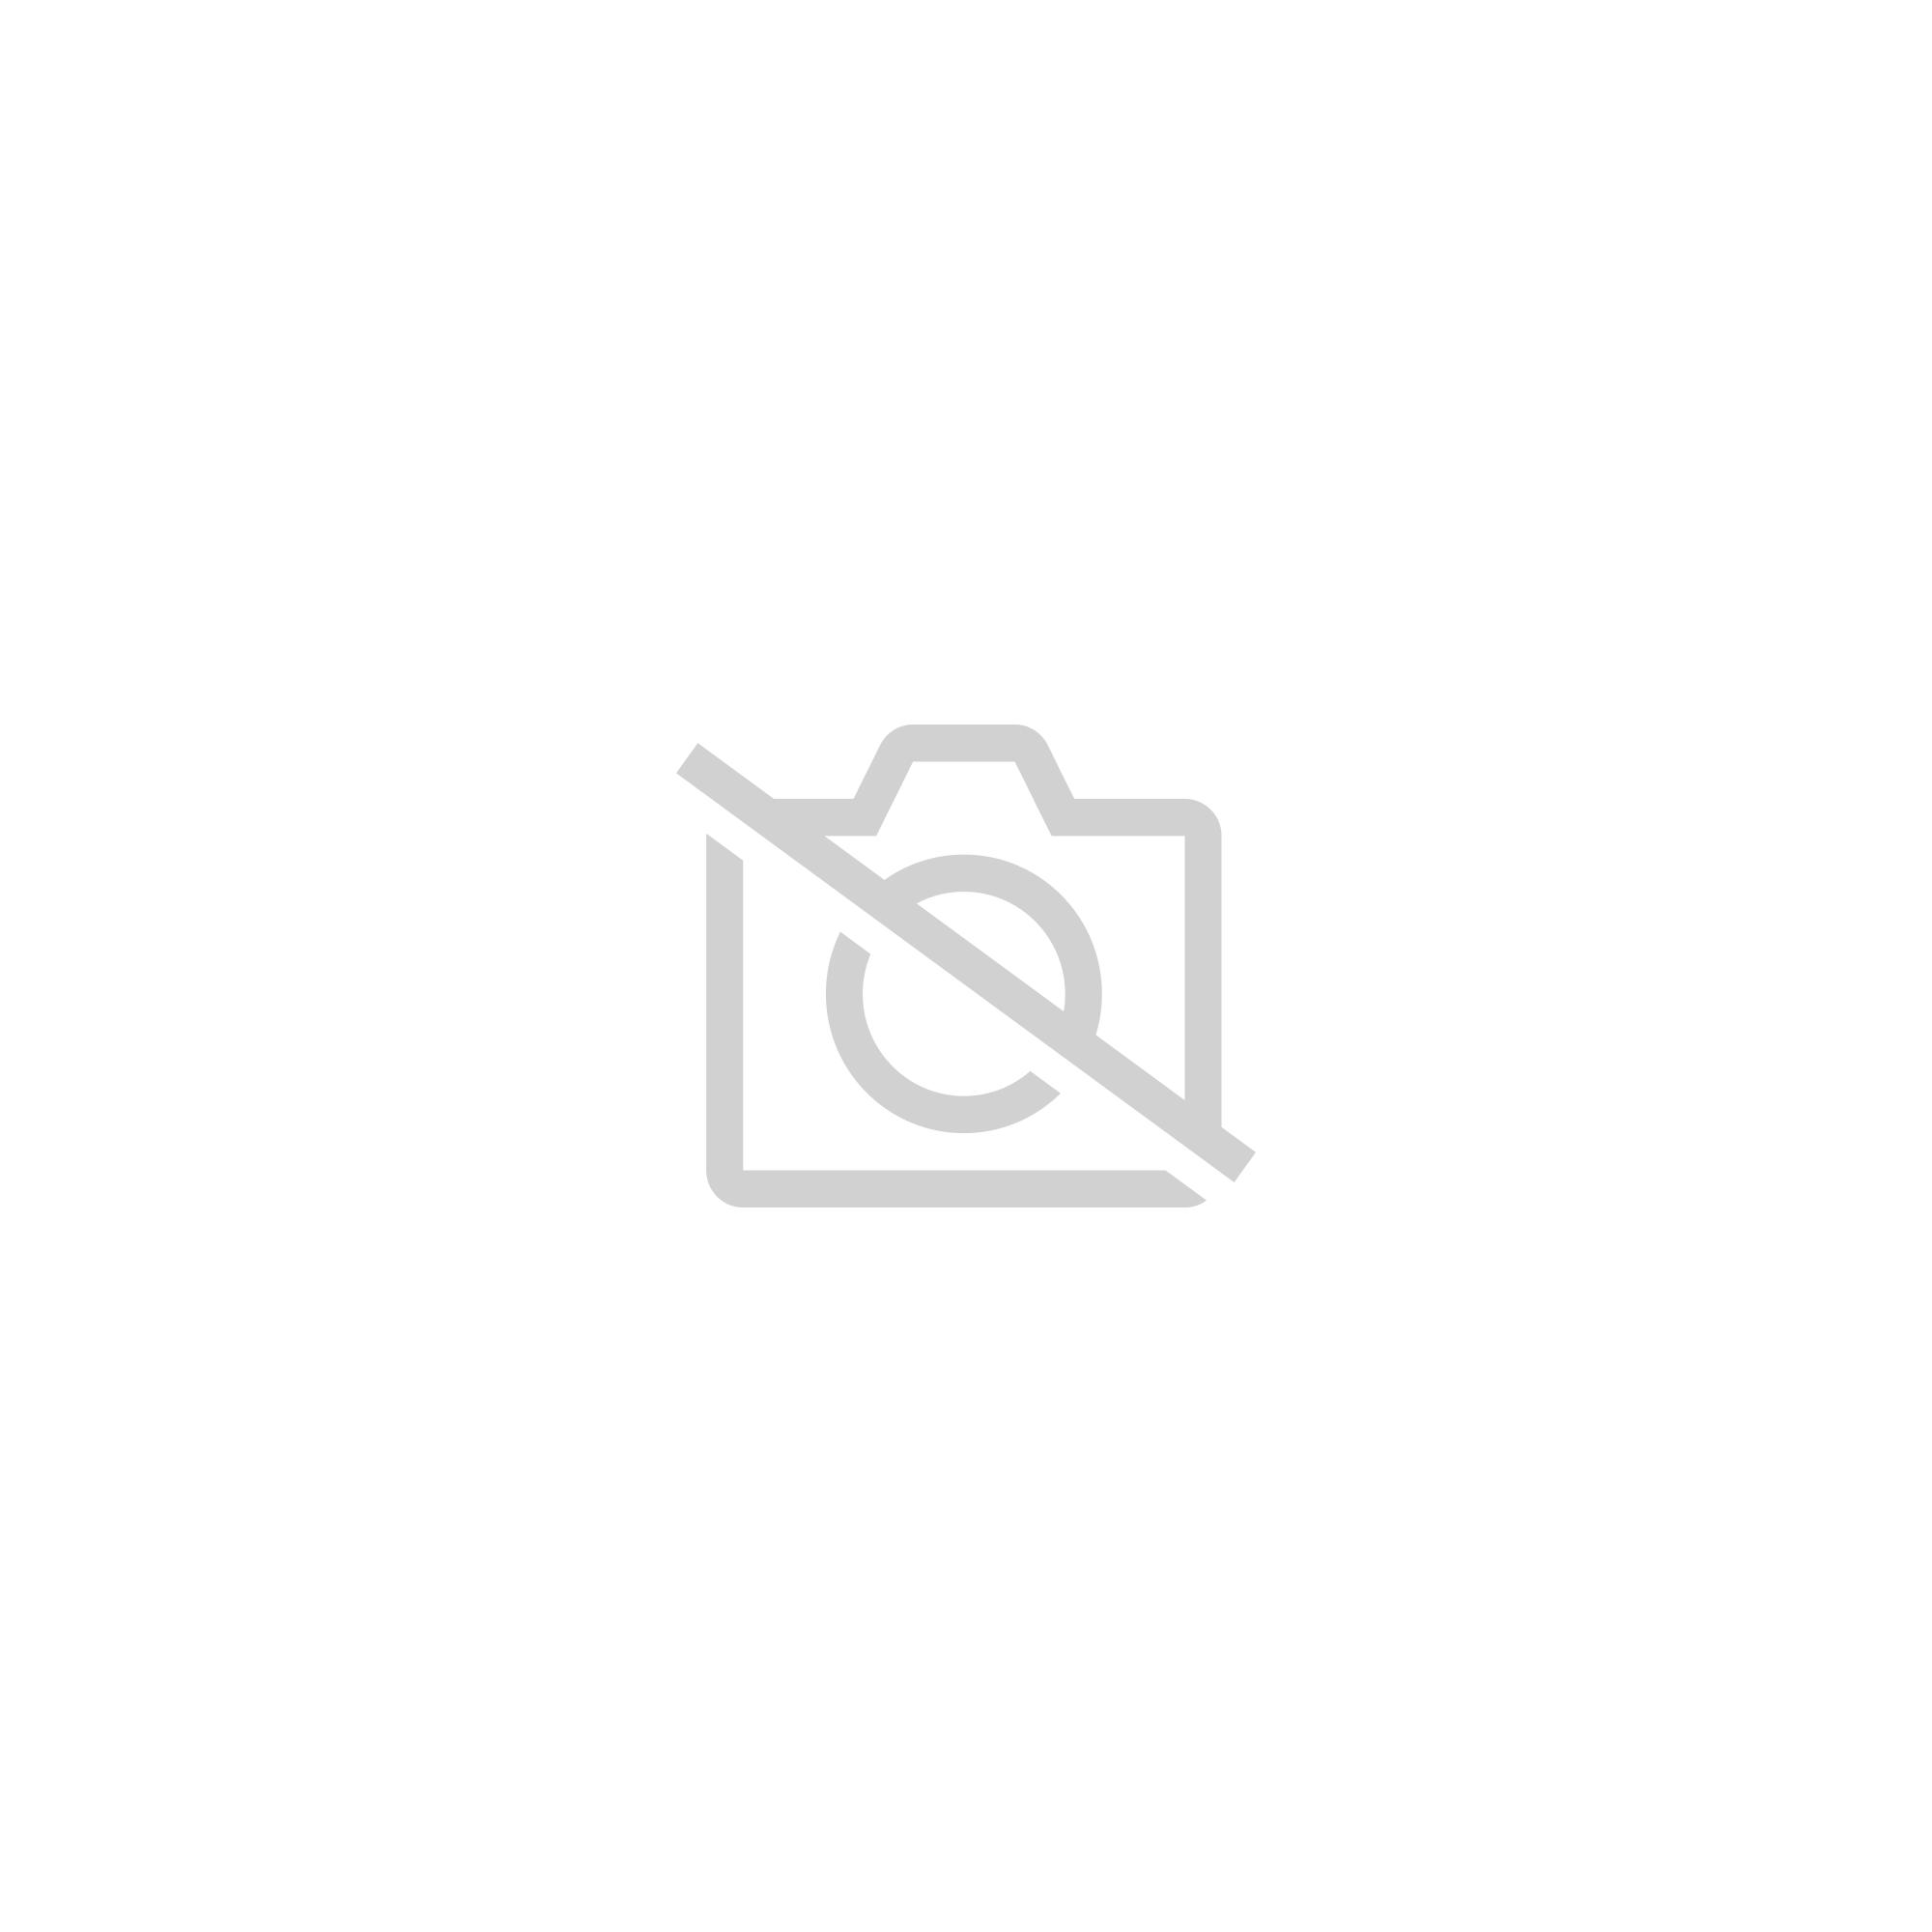 Beliebt horloge comtoise pas cher ou d'occasion sur PriceMinister - Rakuten QT37